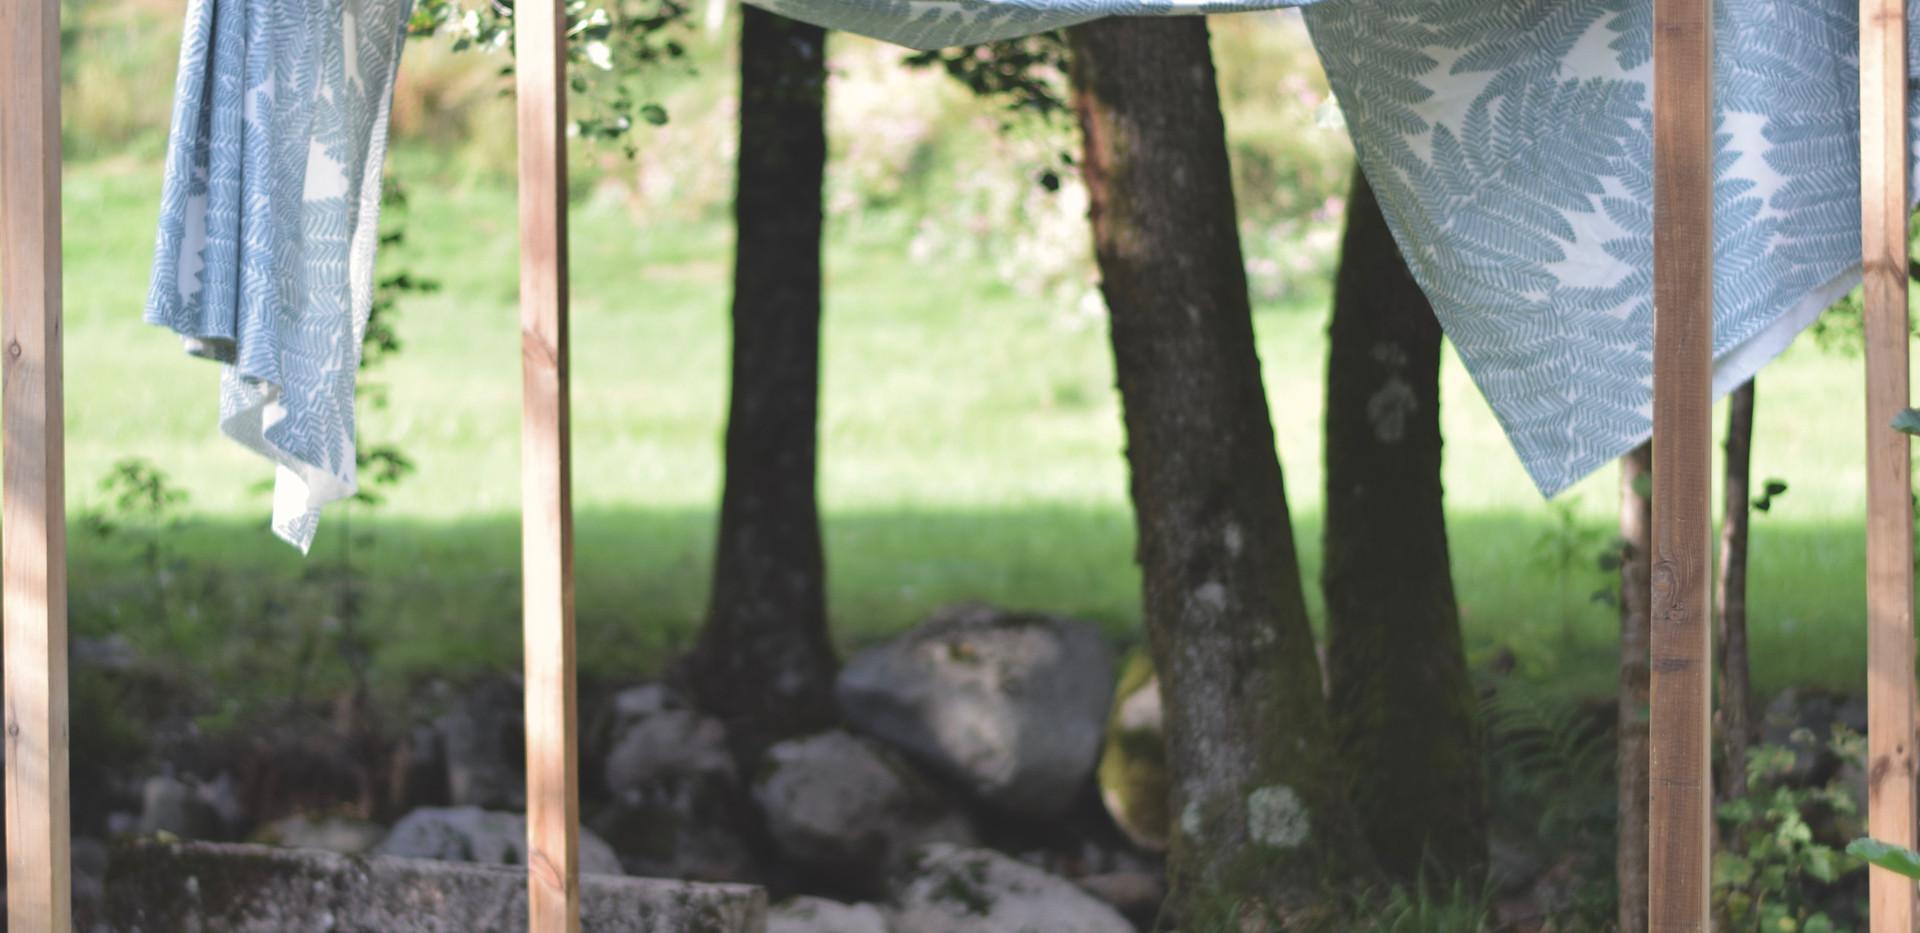 Location Houppa bois Détours Nature Vosges